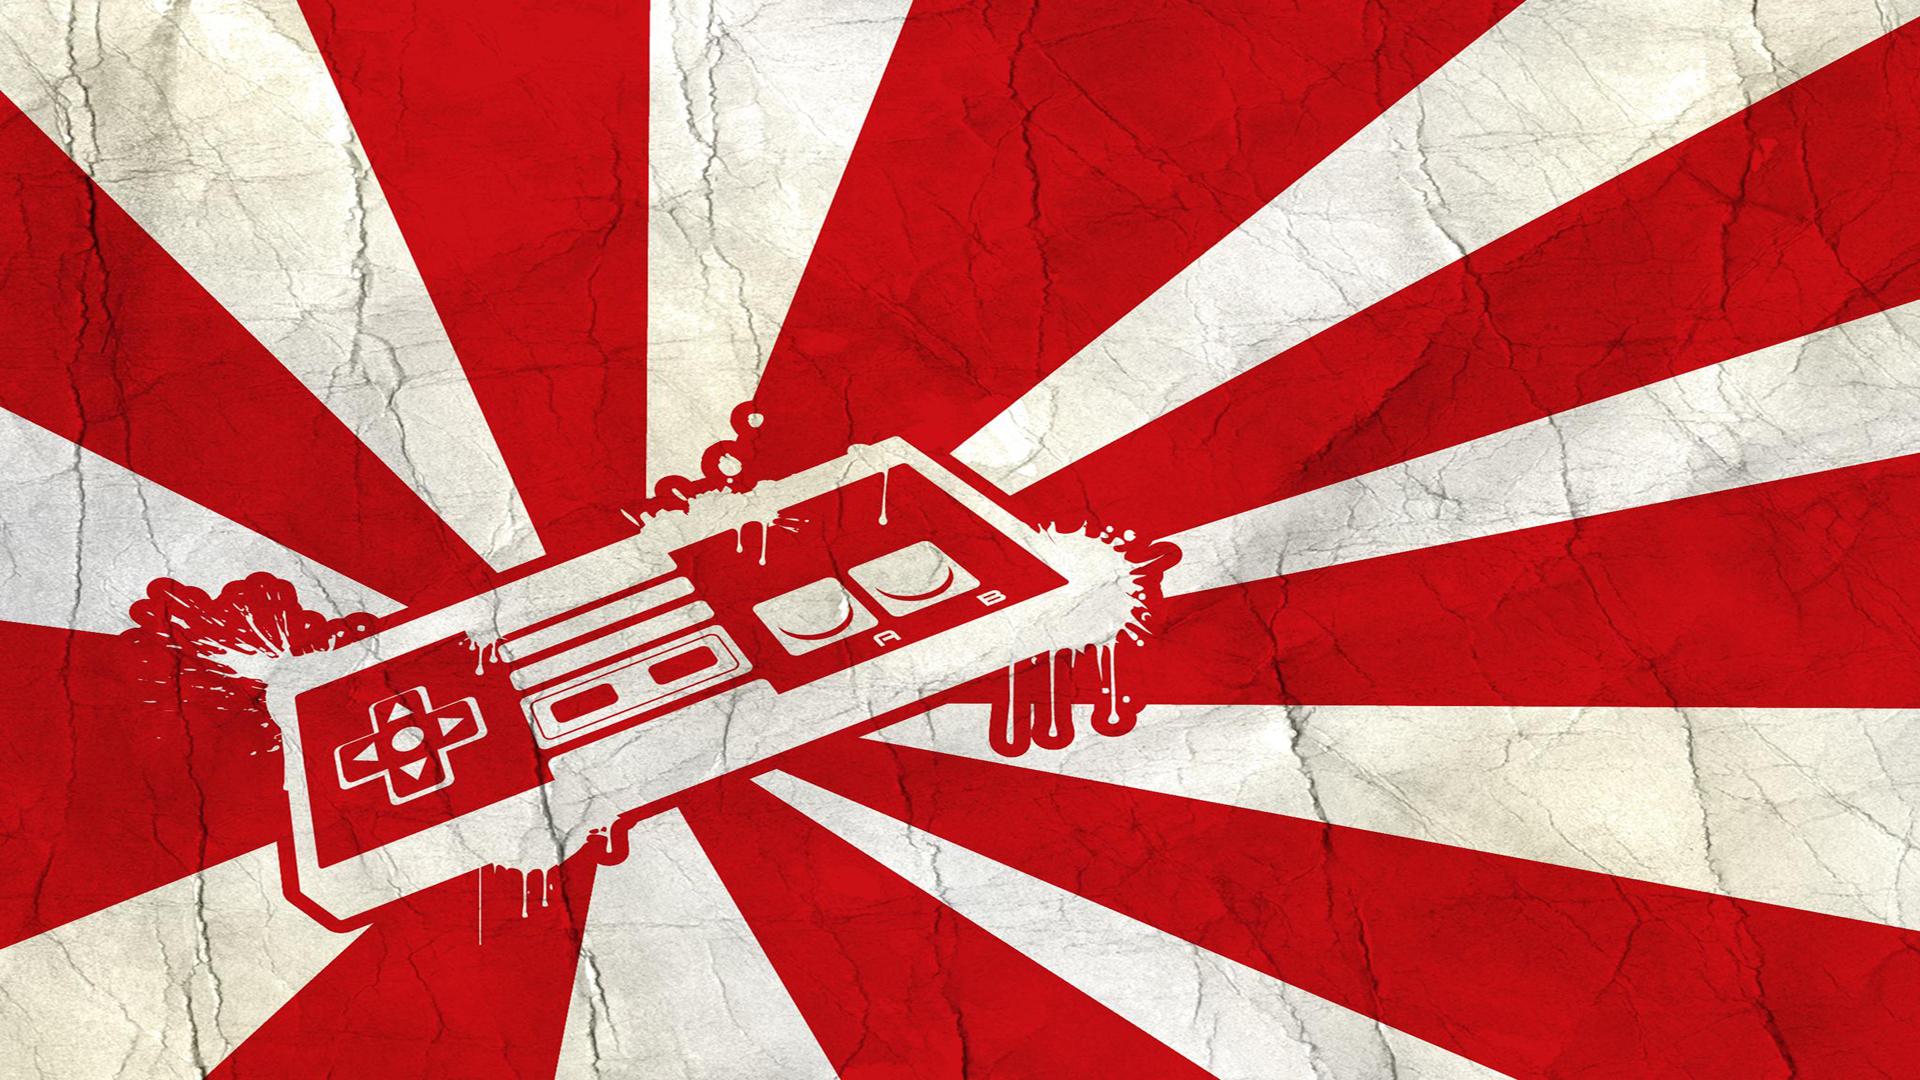 Nintendo Nes wallpaper   469986 1920x1080